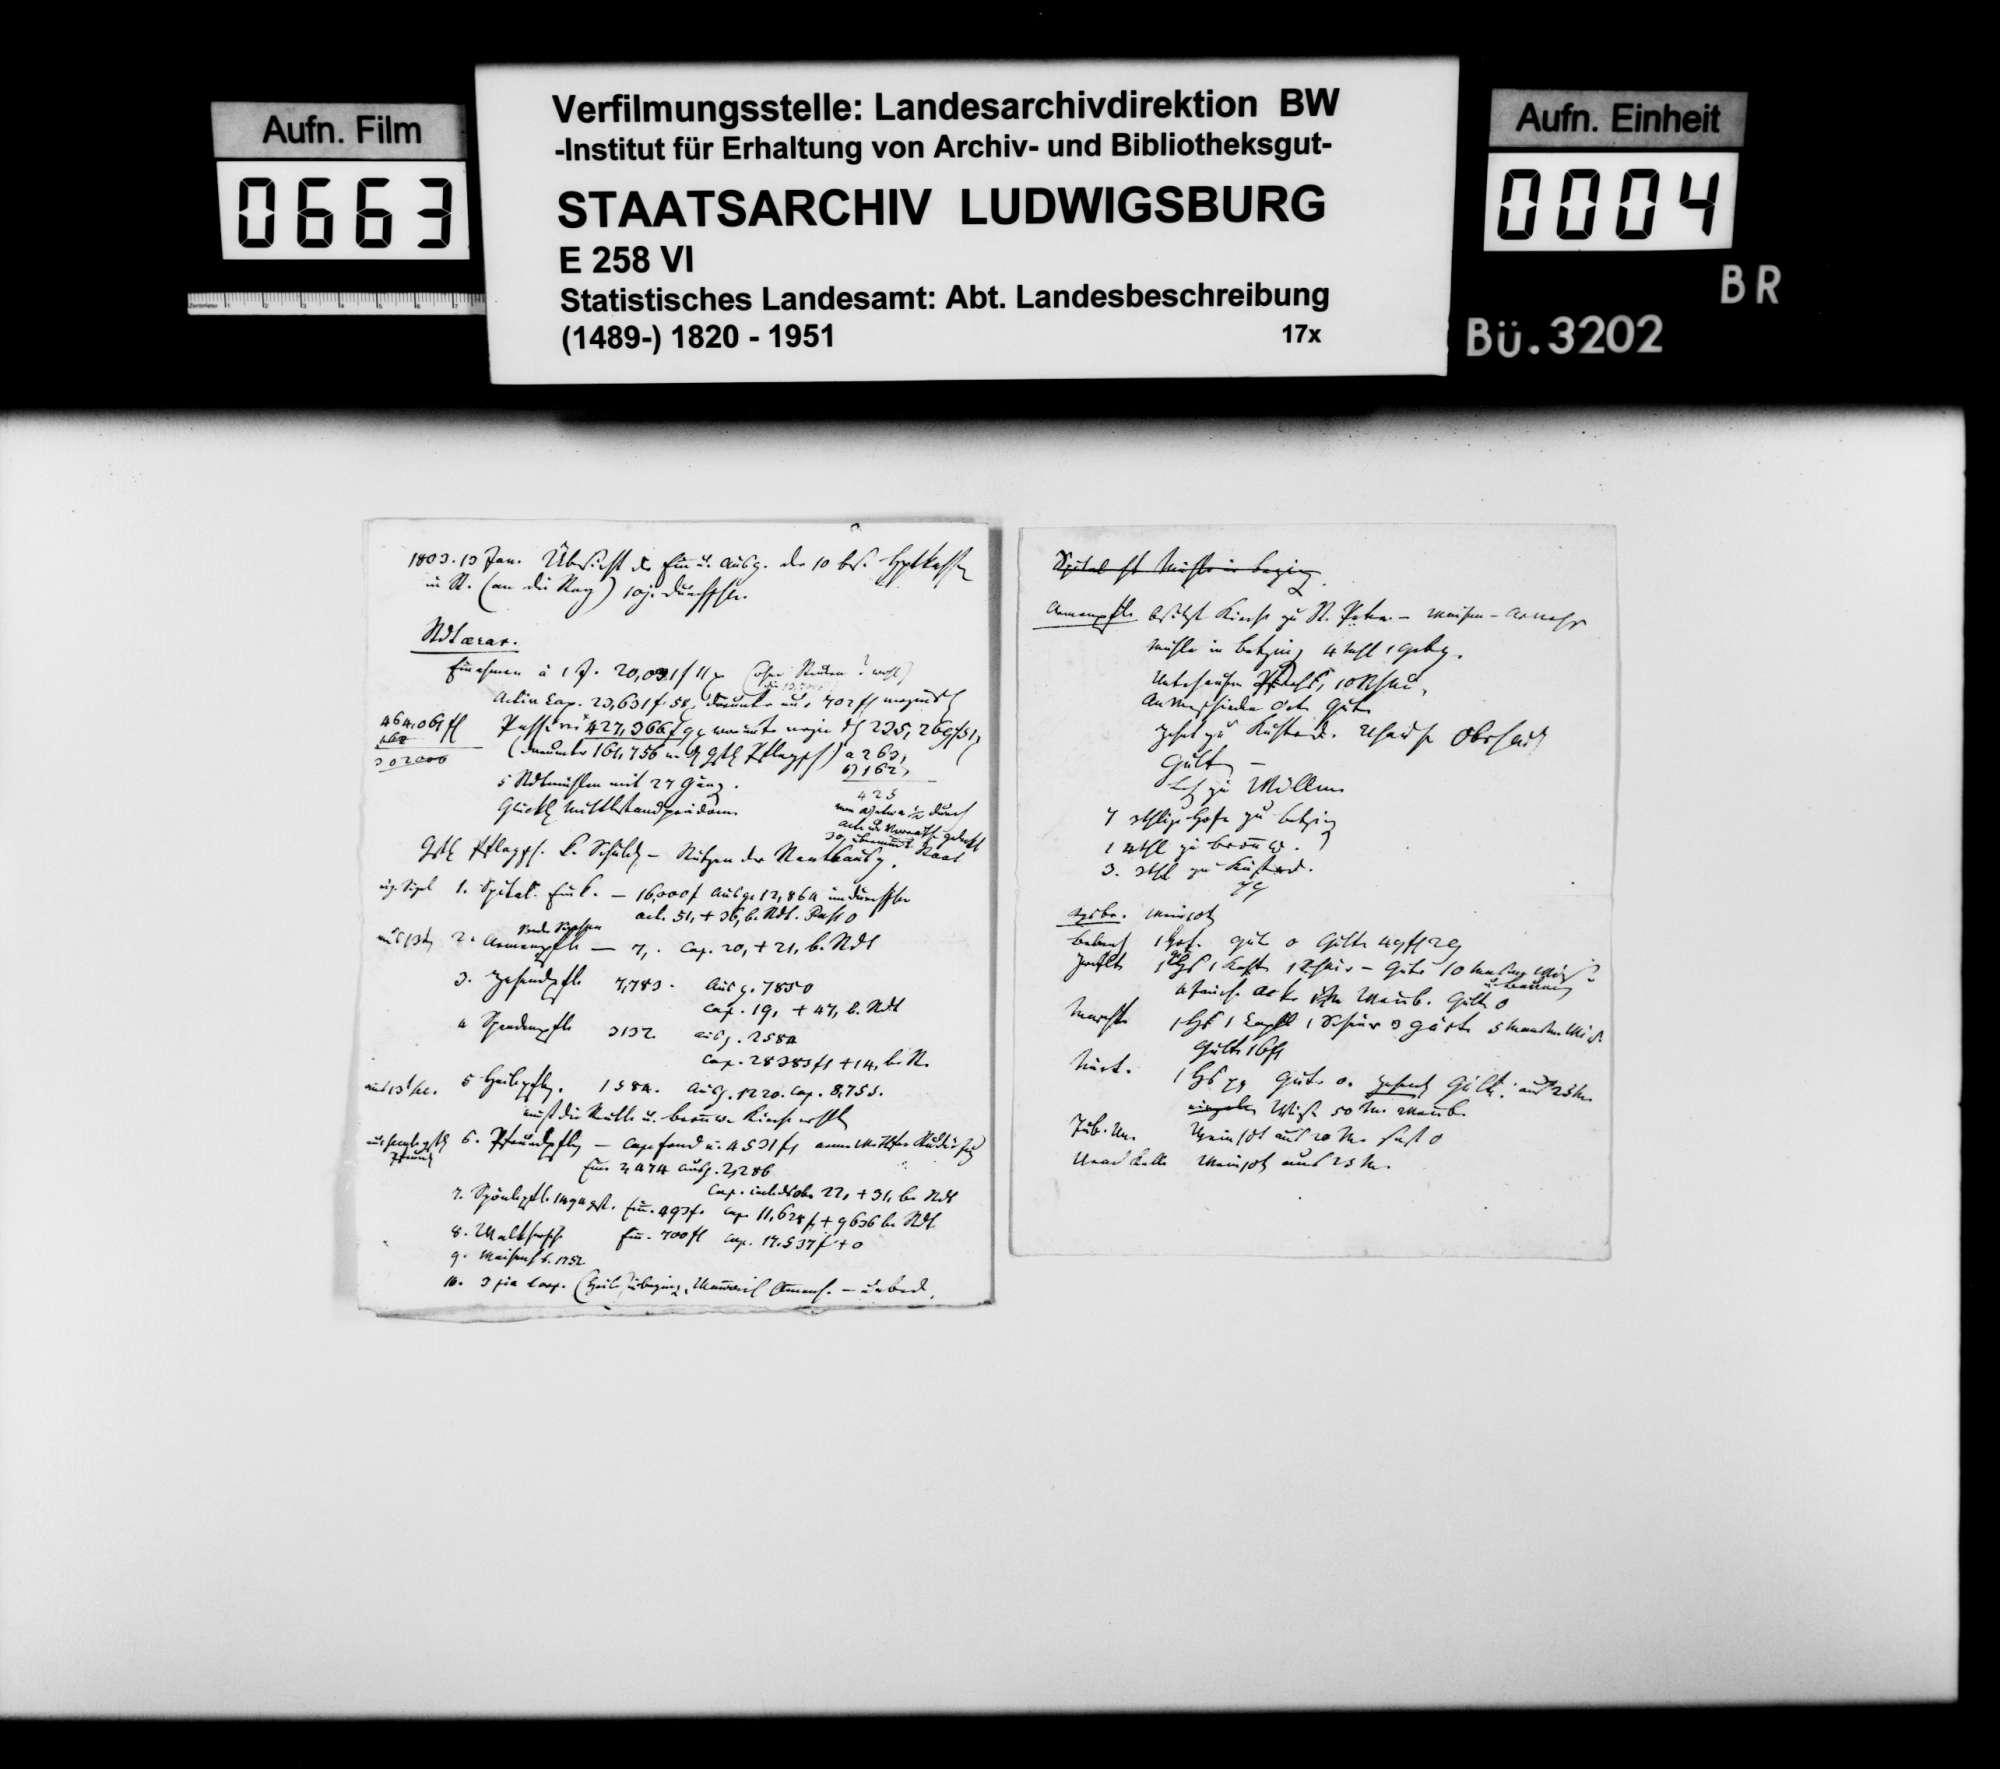 Notizen und Konzepte von Johann Daniel Georg Memminger zur OAB, Bild 3